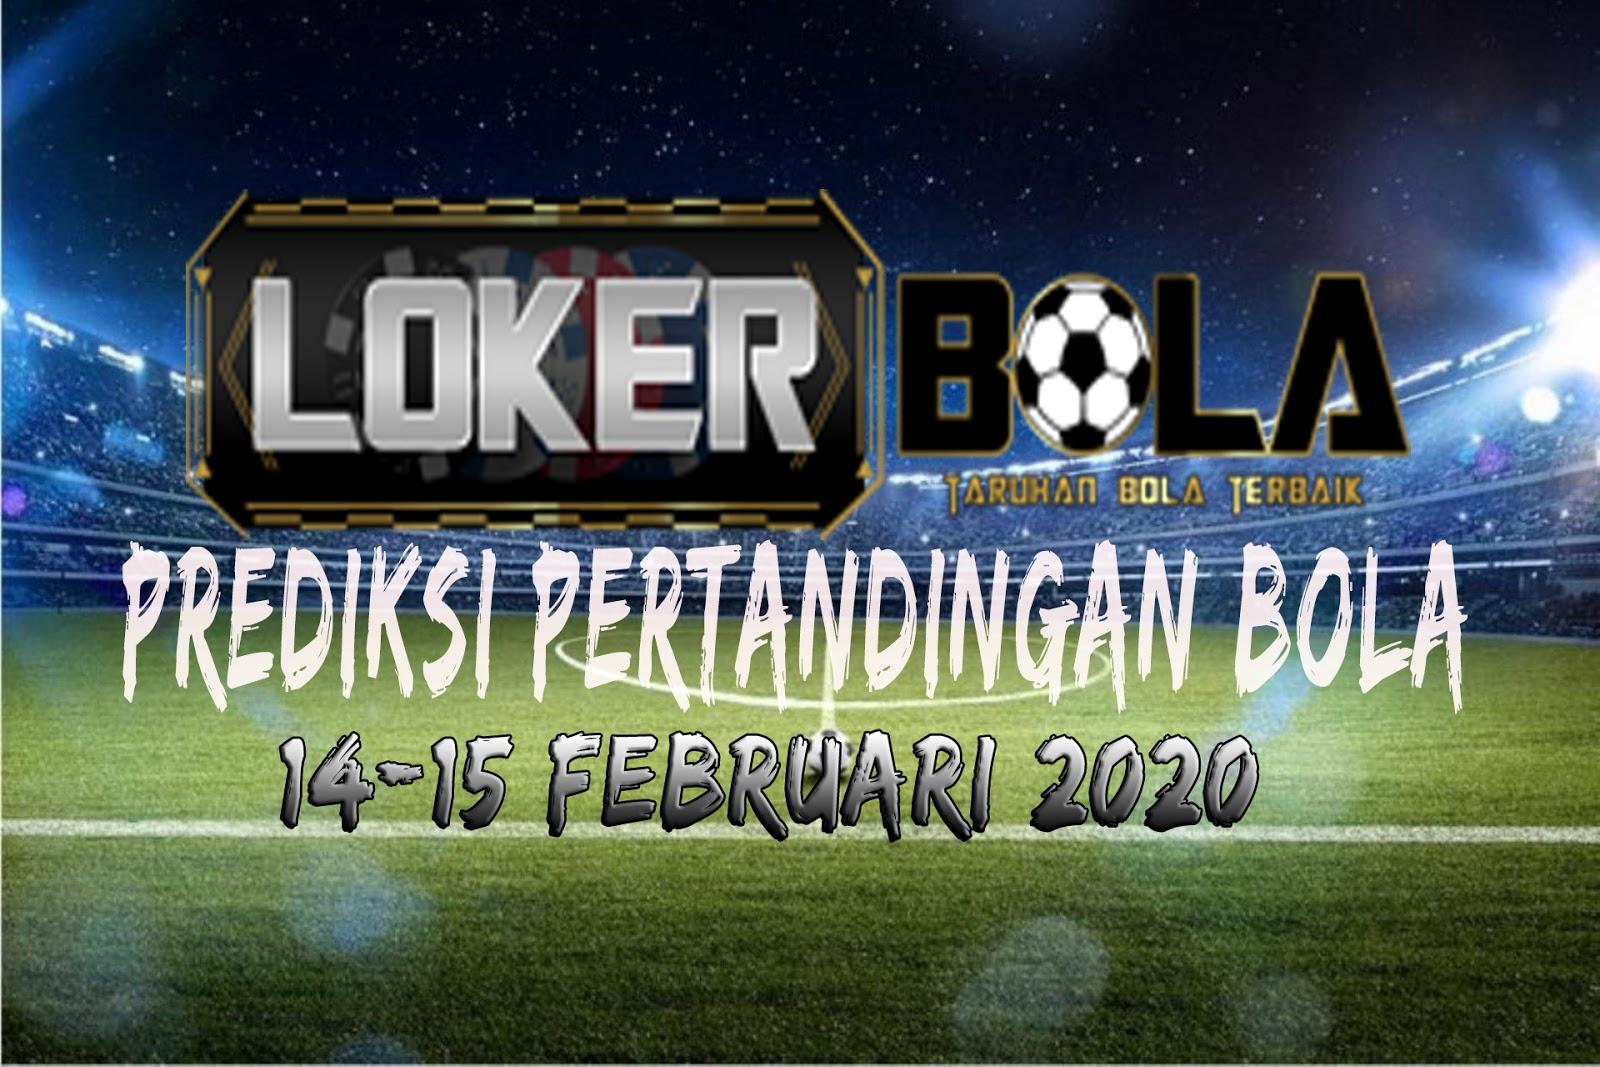 PREDIKSI PERTANDINGAN BOLA 14-15 FEBRUARI 2020